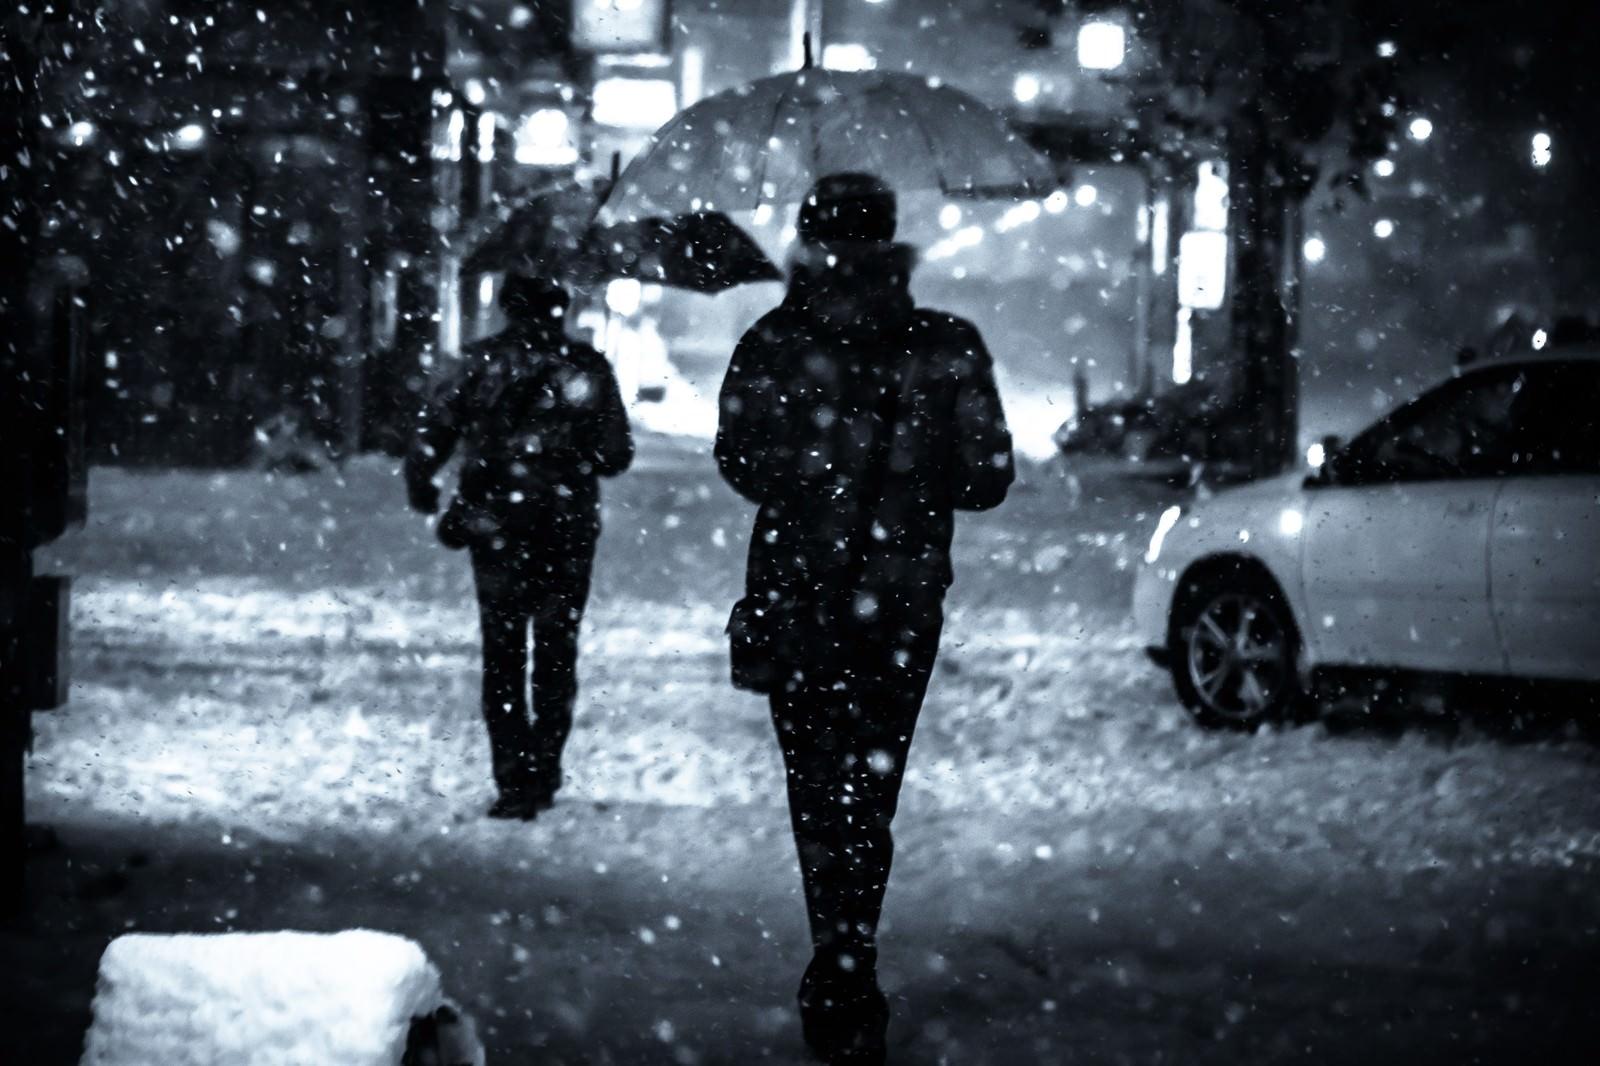 「夜間、舞い散る雪と傘をさす人」の写真